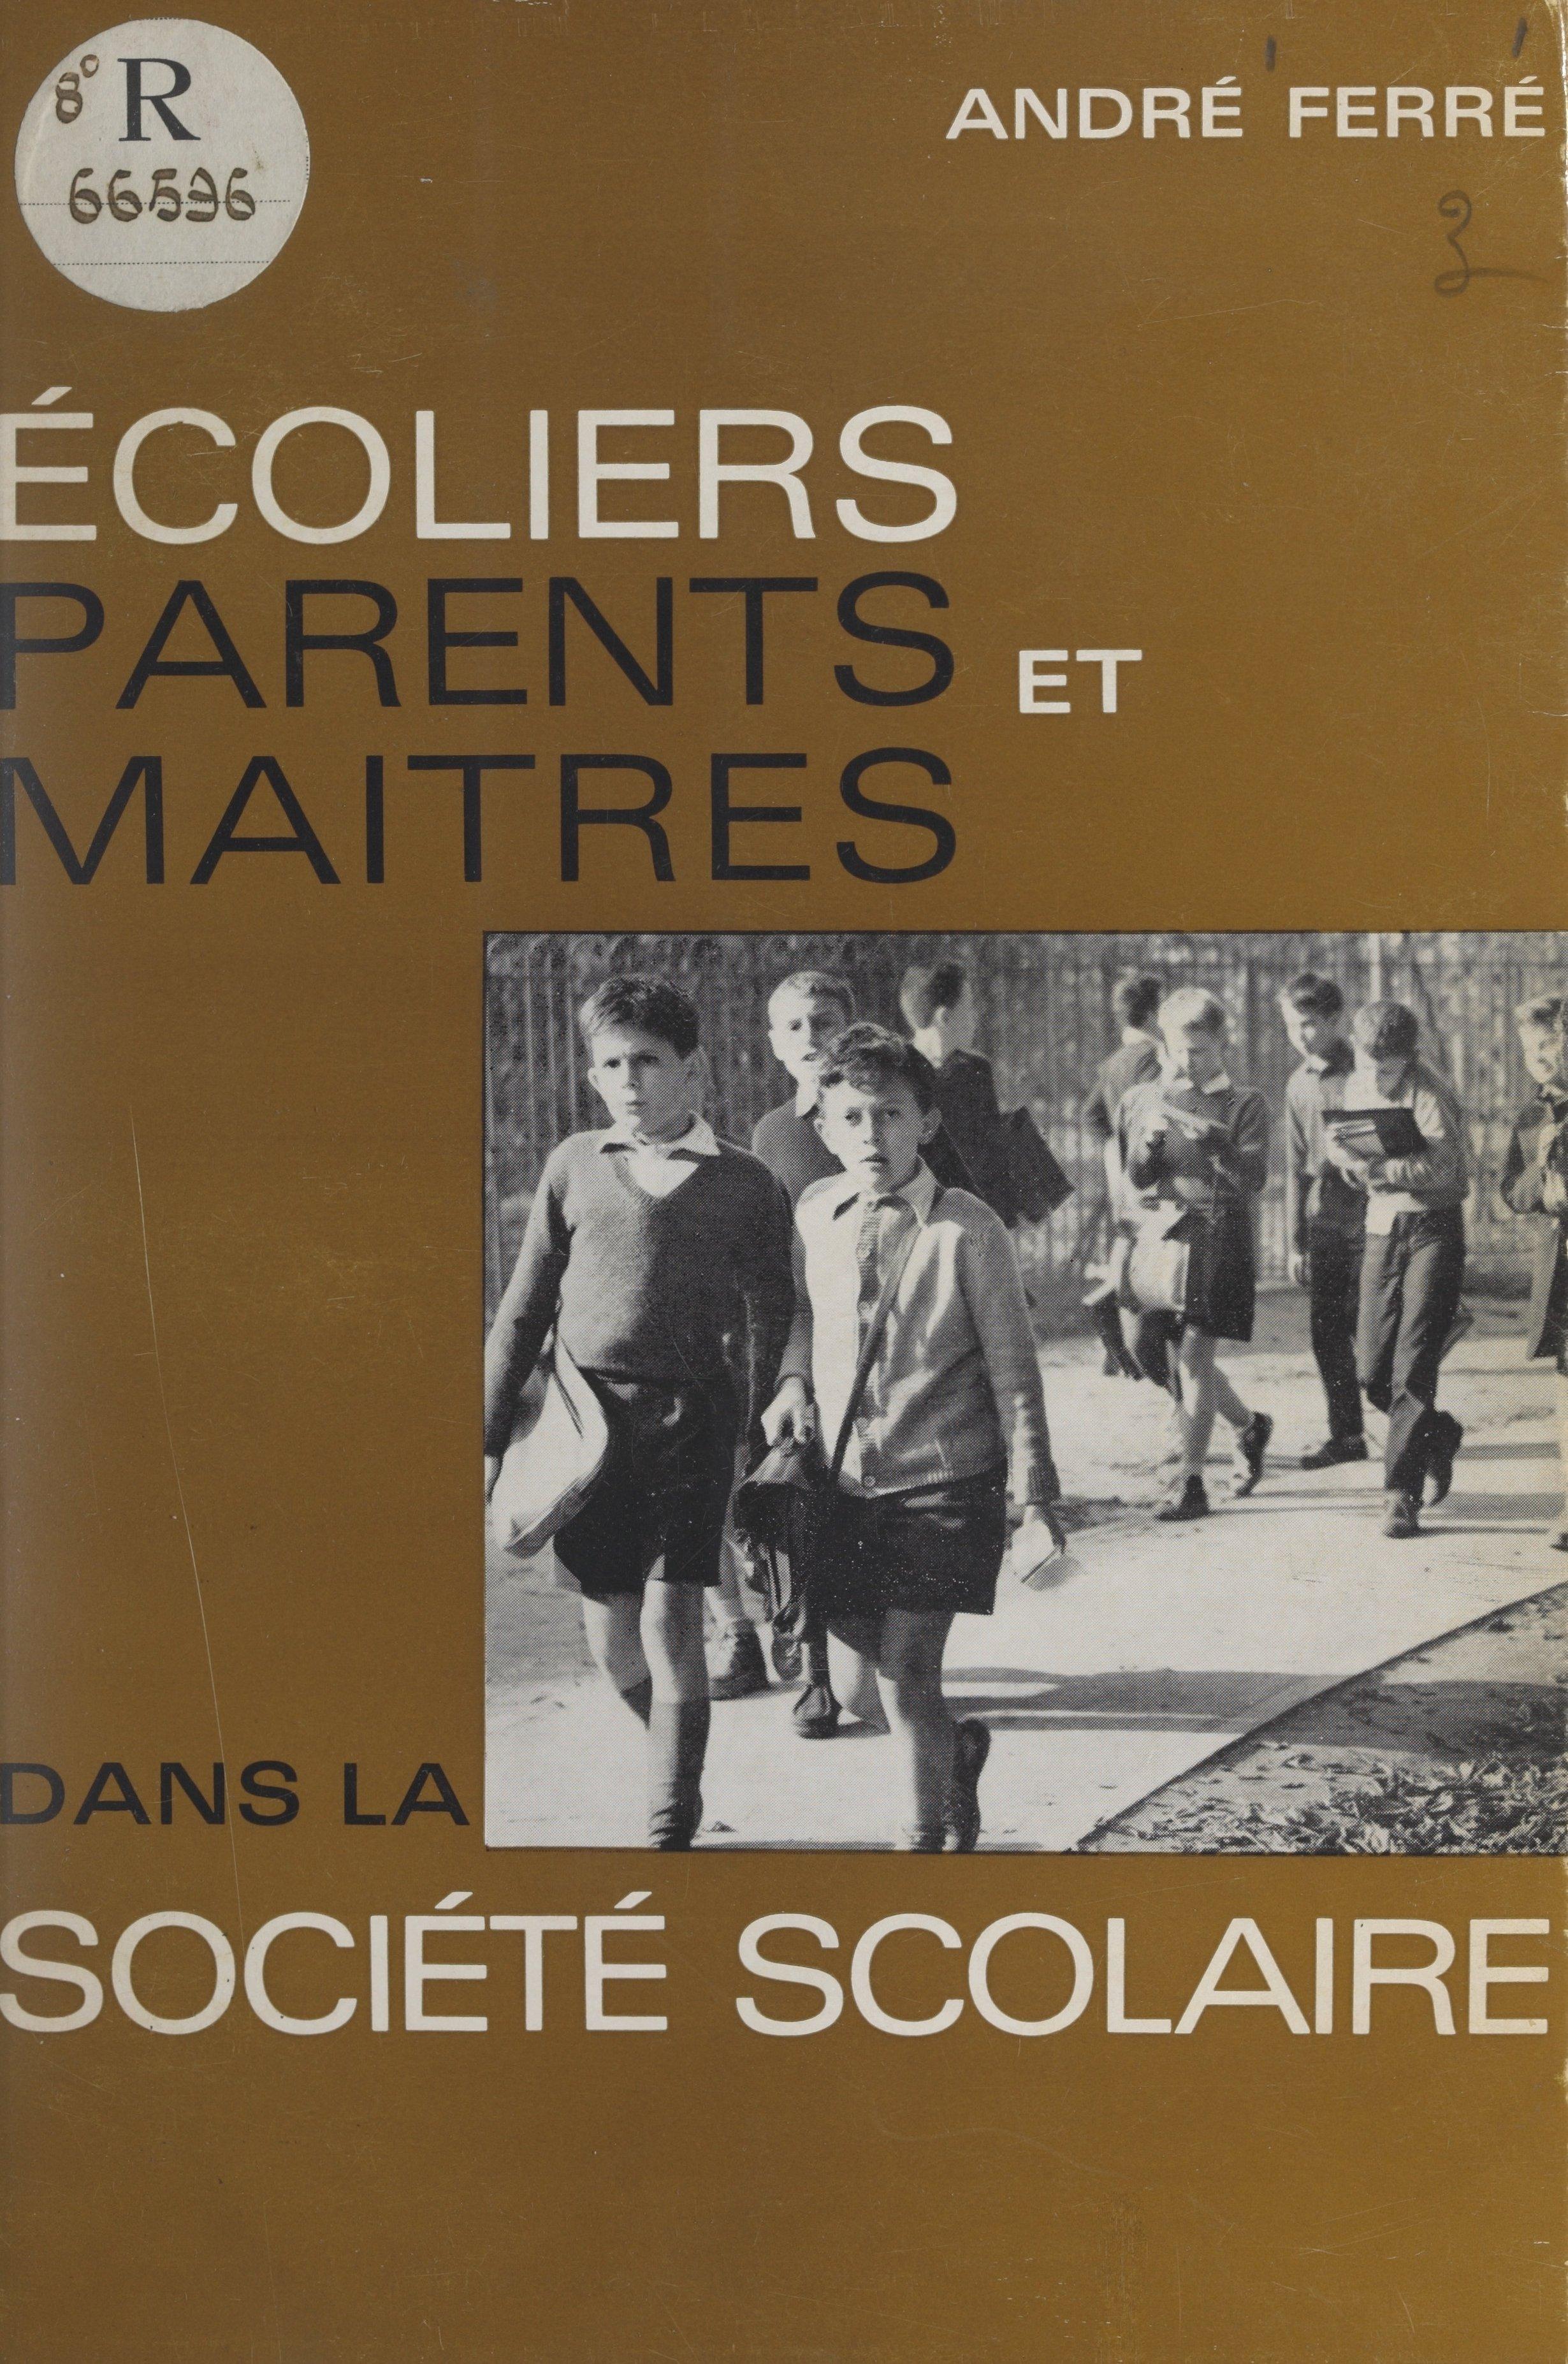 Écoliers, parents et maîtres dans la société scolaire